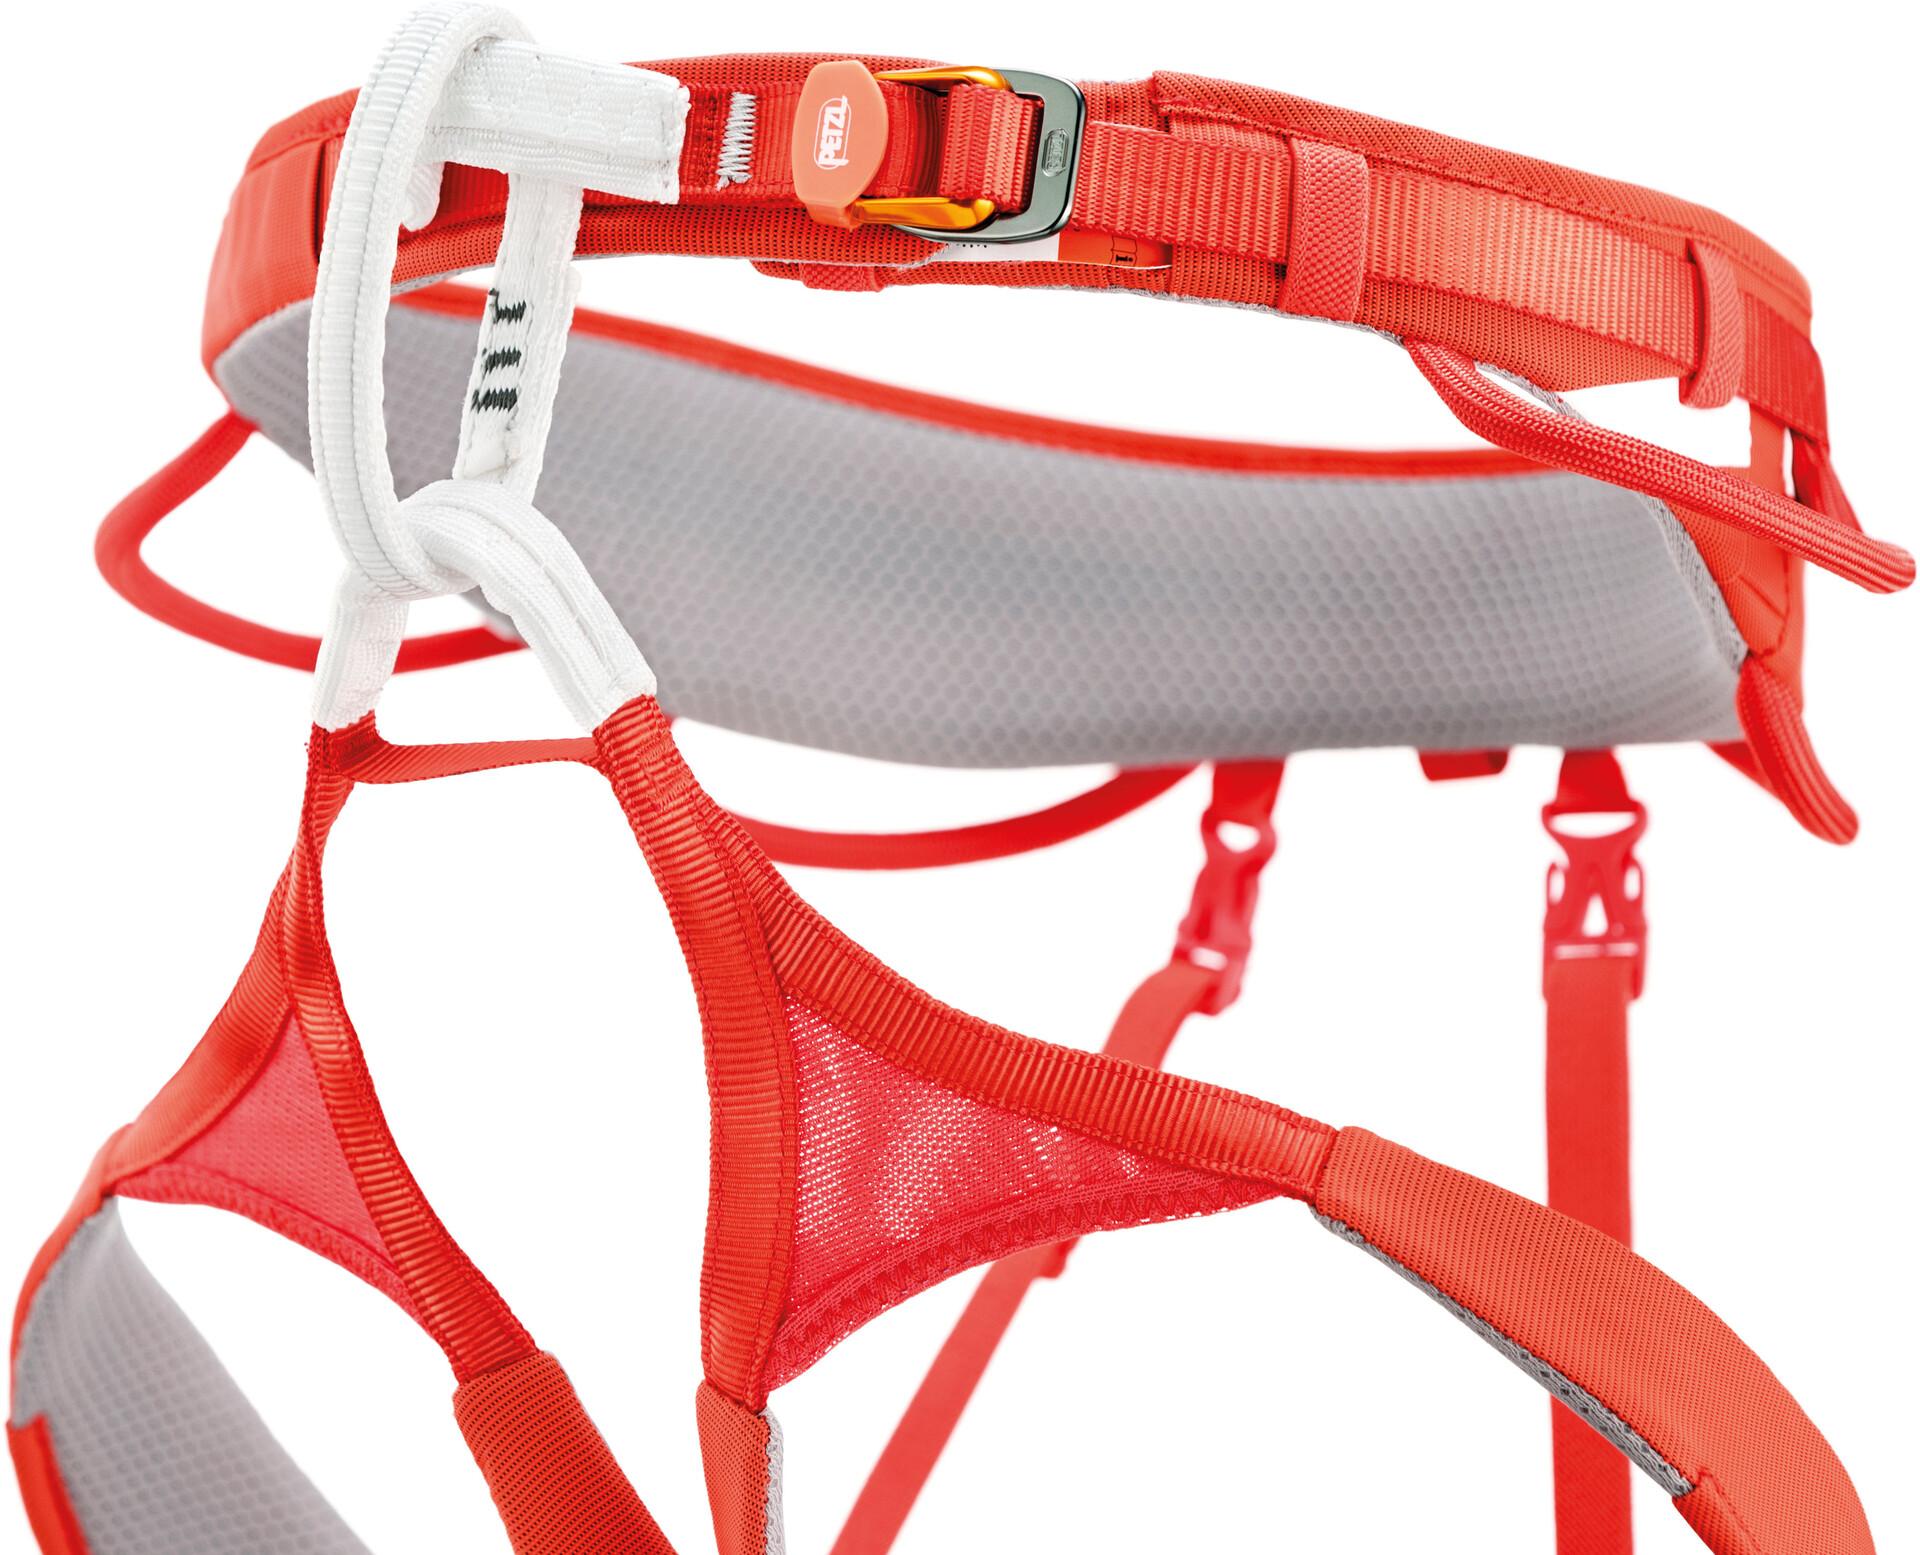 Klettergurt Test 2018 : Test kletterschuhe scarpa maestro verticalextreme